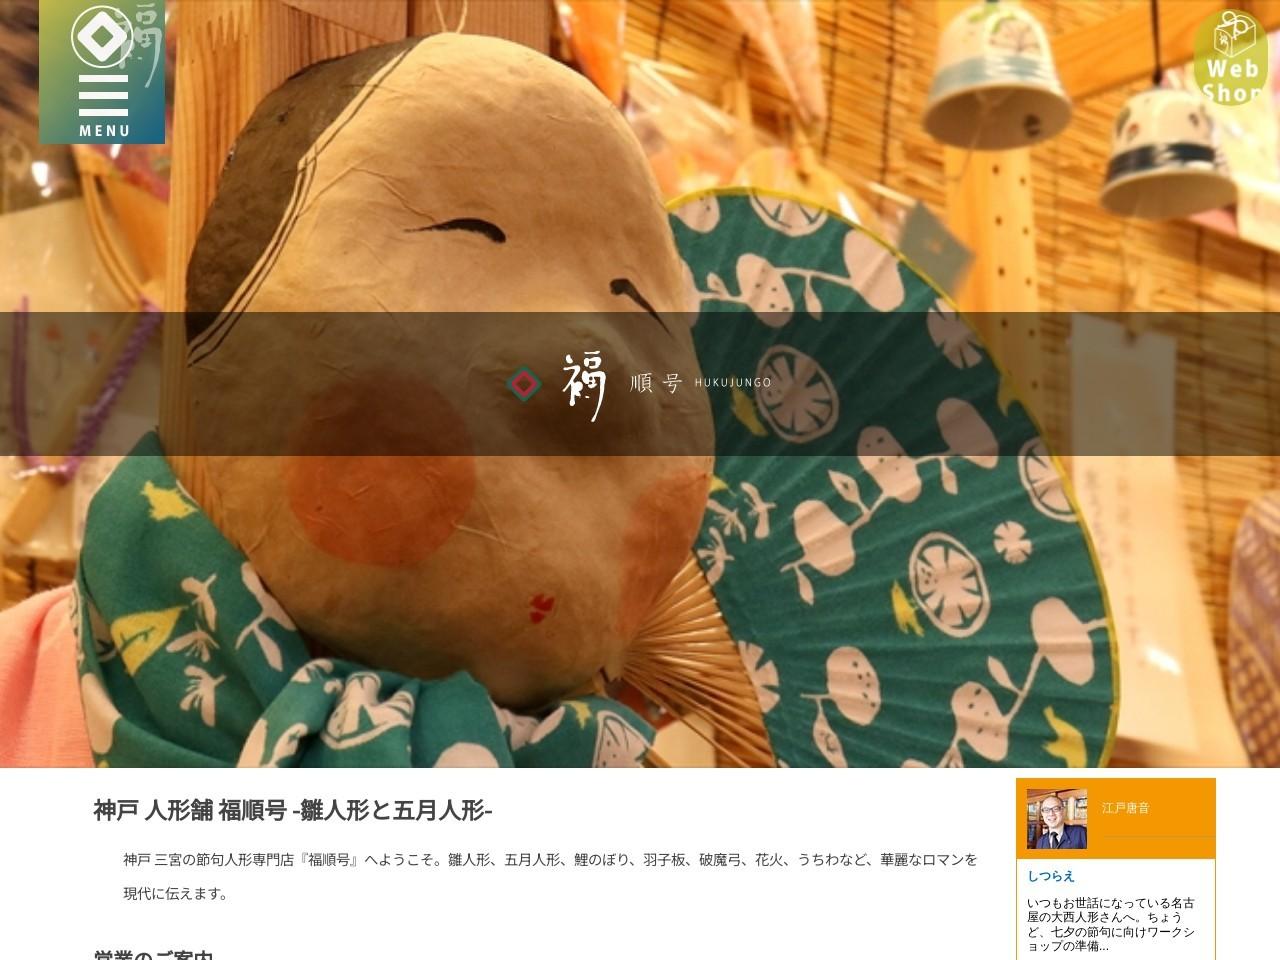 神戸 人形舗 福順号 -雛人形と五月人形-